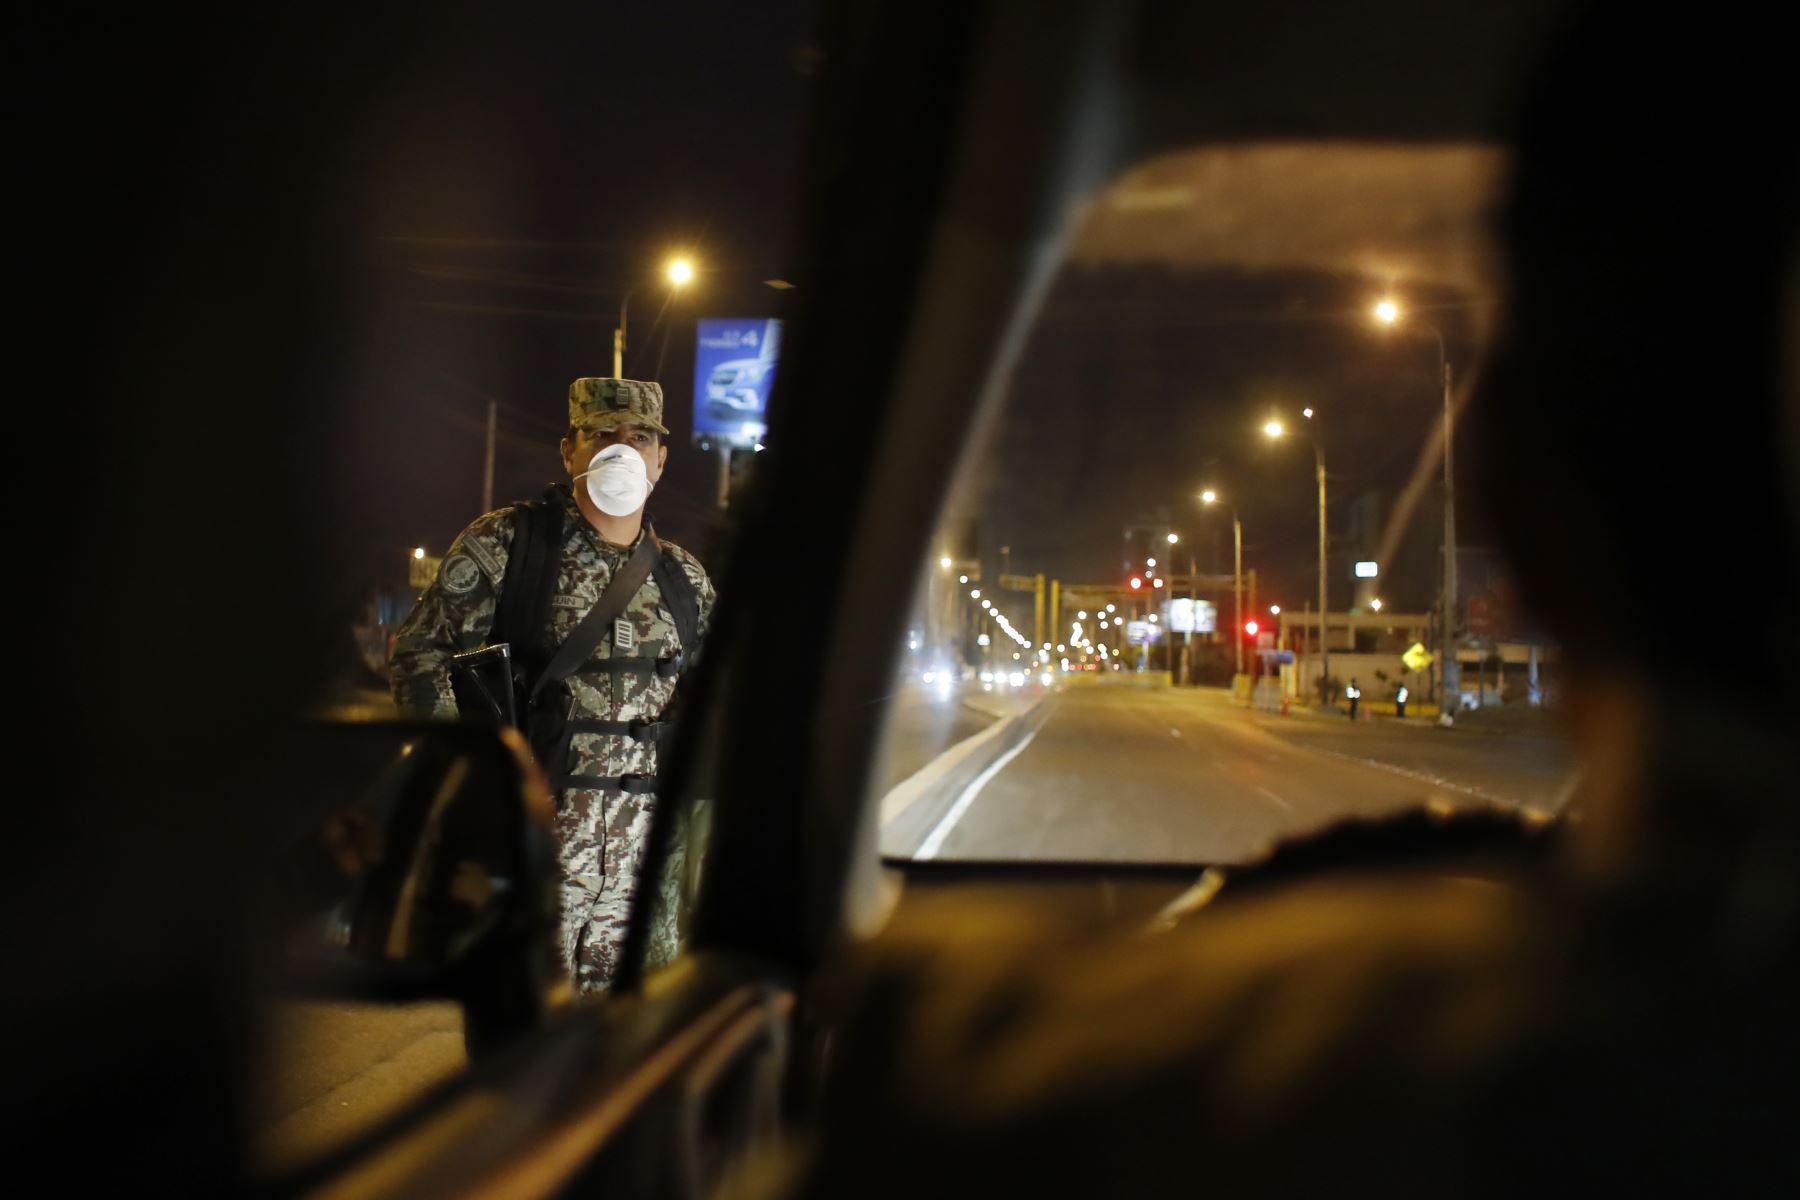 Pobladores de Chorrillos acatan la Inmovilización social obligatoria desde las 20:00 hasta las 05:00 horas. Foto: ANDINA/Renato Pajuelo